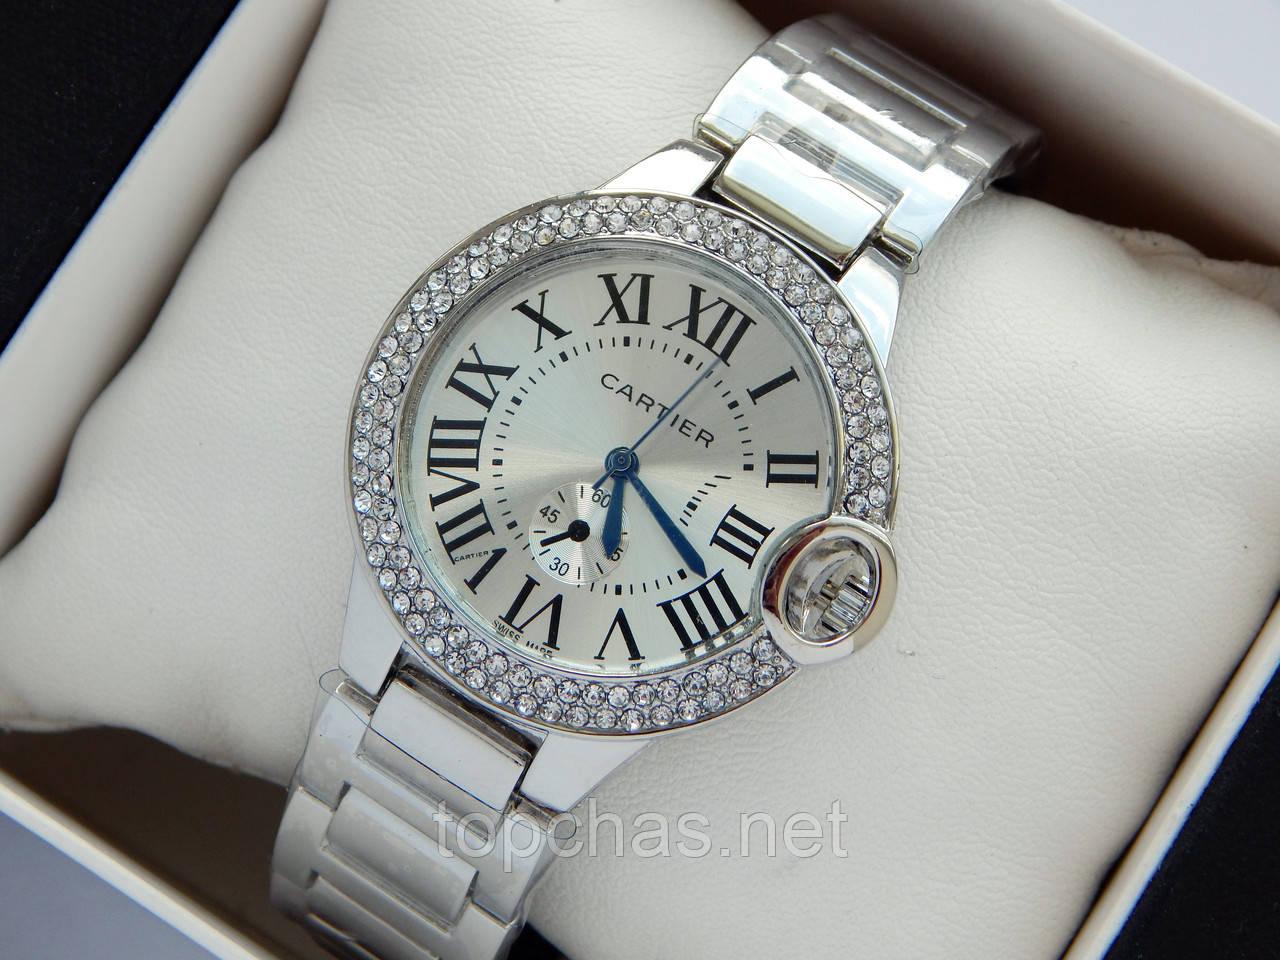 b82ed7f7 Женские часы Cartier серебристого цвета с синими стрелками, римские цифры,  два ряда страз -